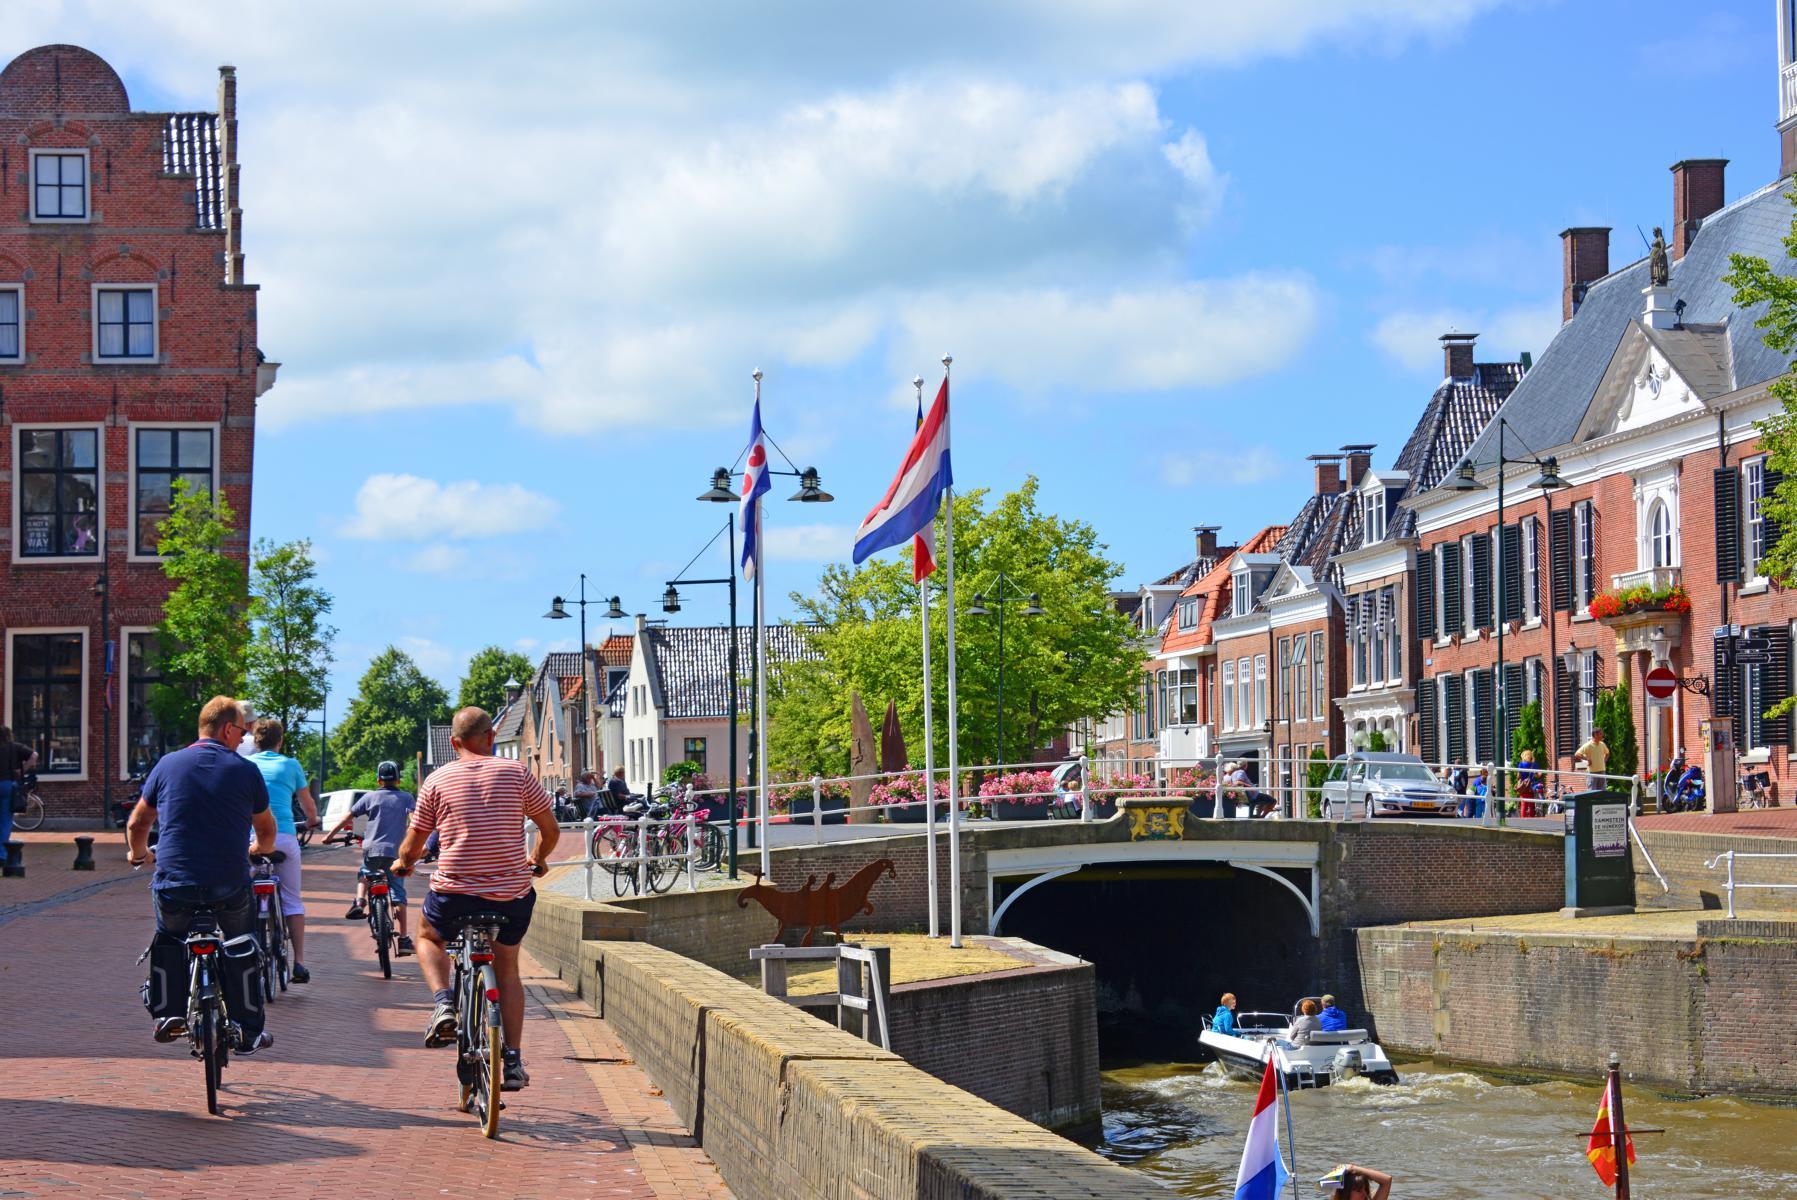 Fteisland - Holland Niederlande - Urlaubstipps